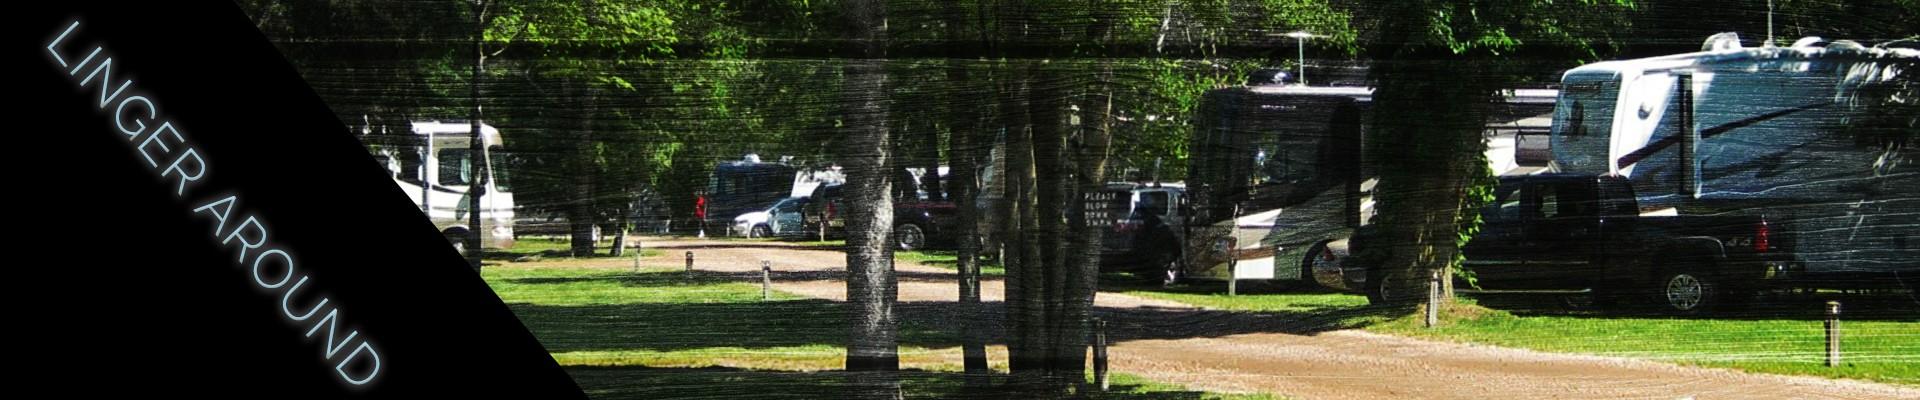 linger around - RV campsite